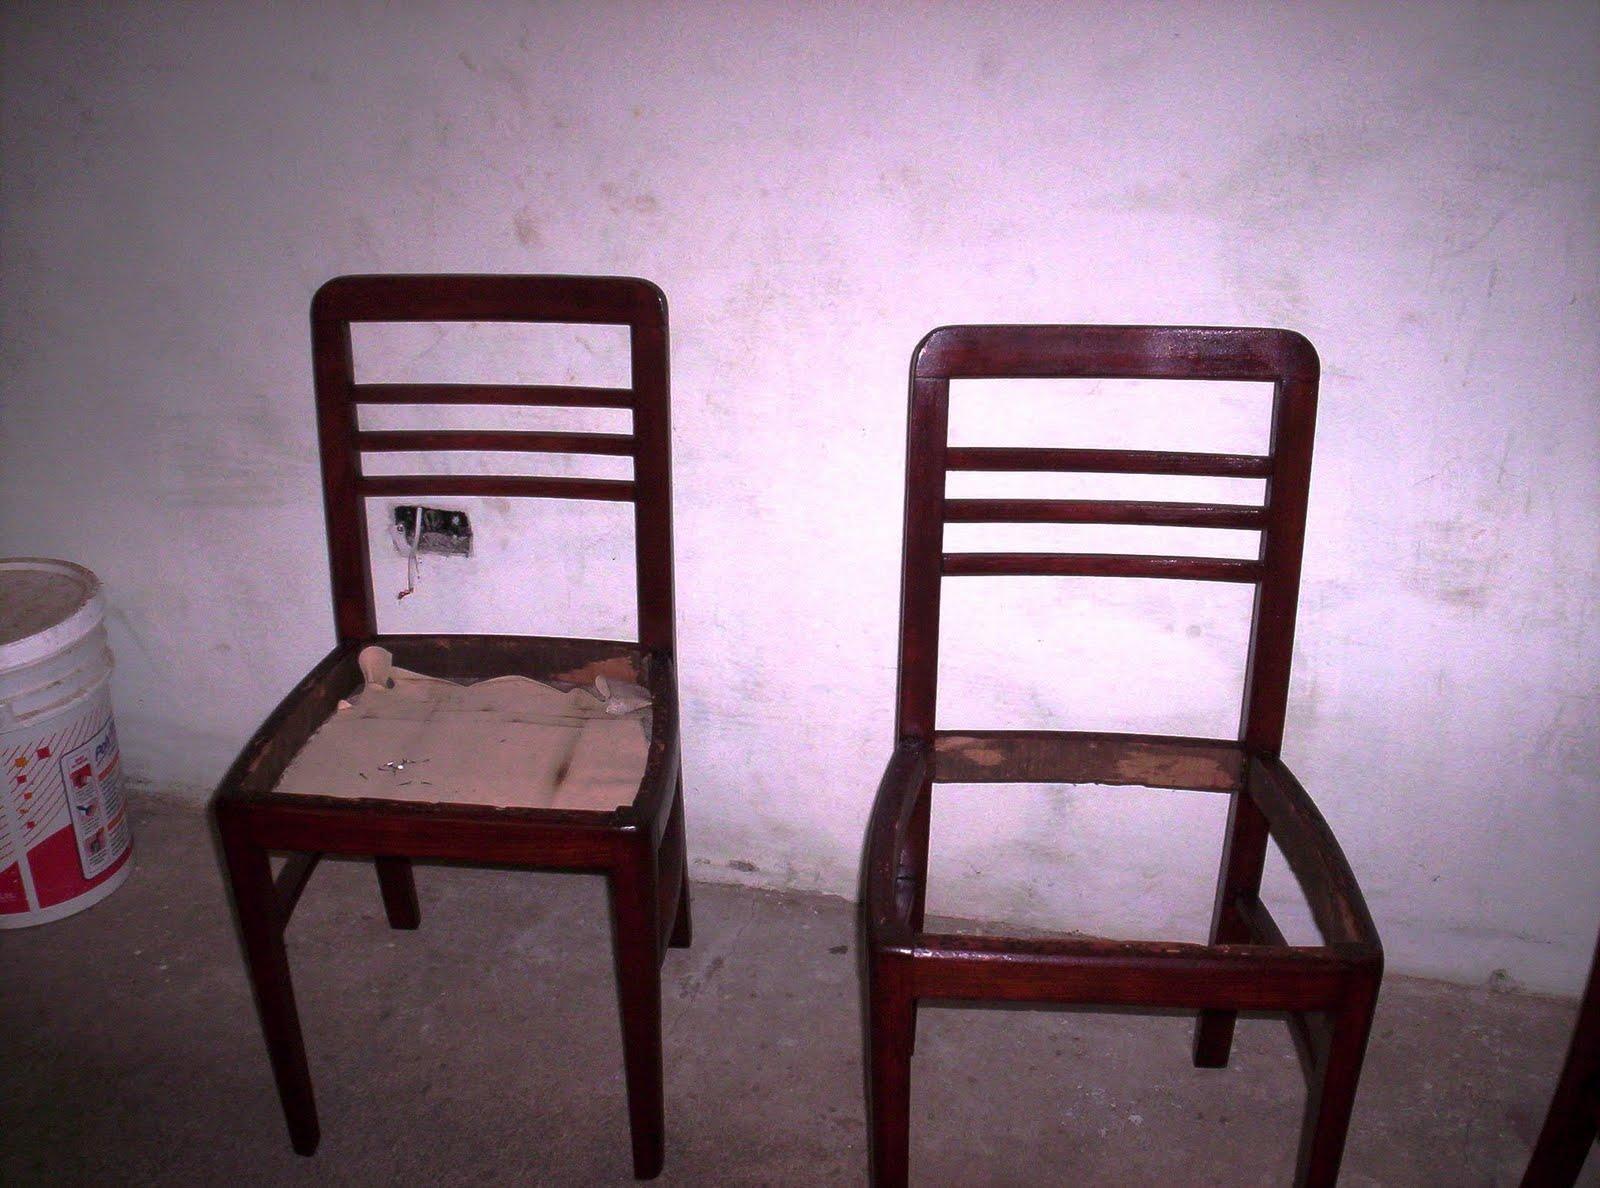 Reciclado de sillas y sillones 6 sillas restauradas for Reciclado de sillones